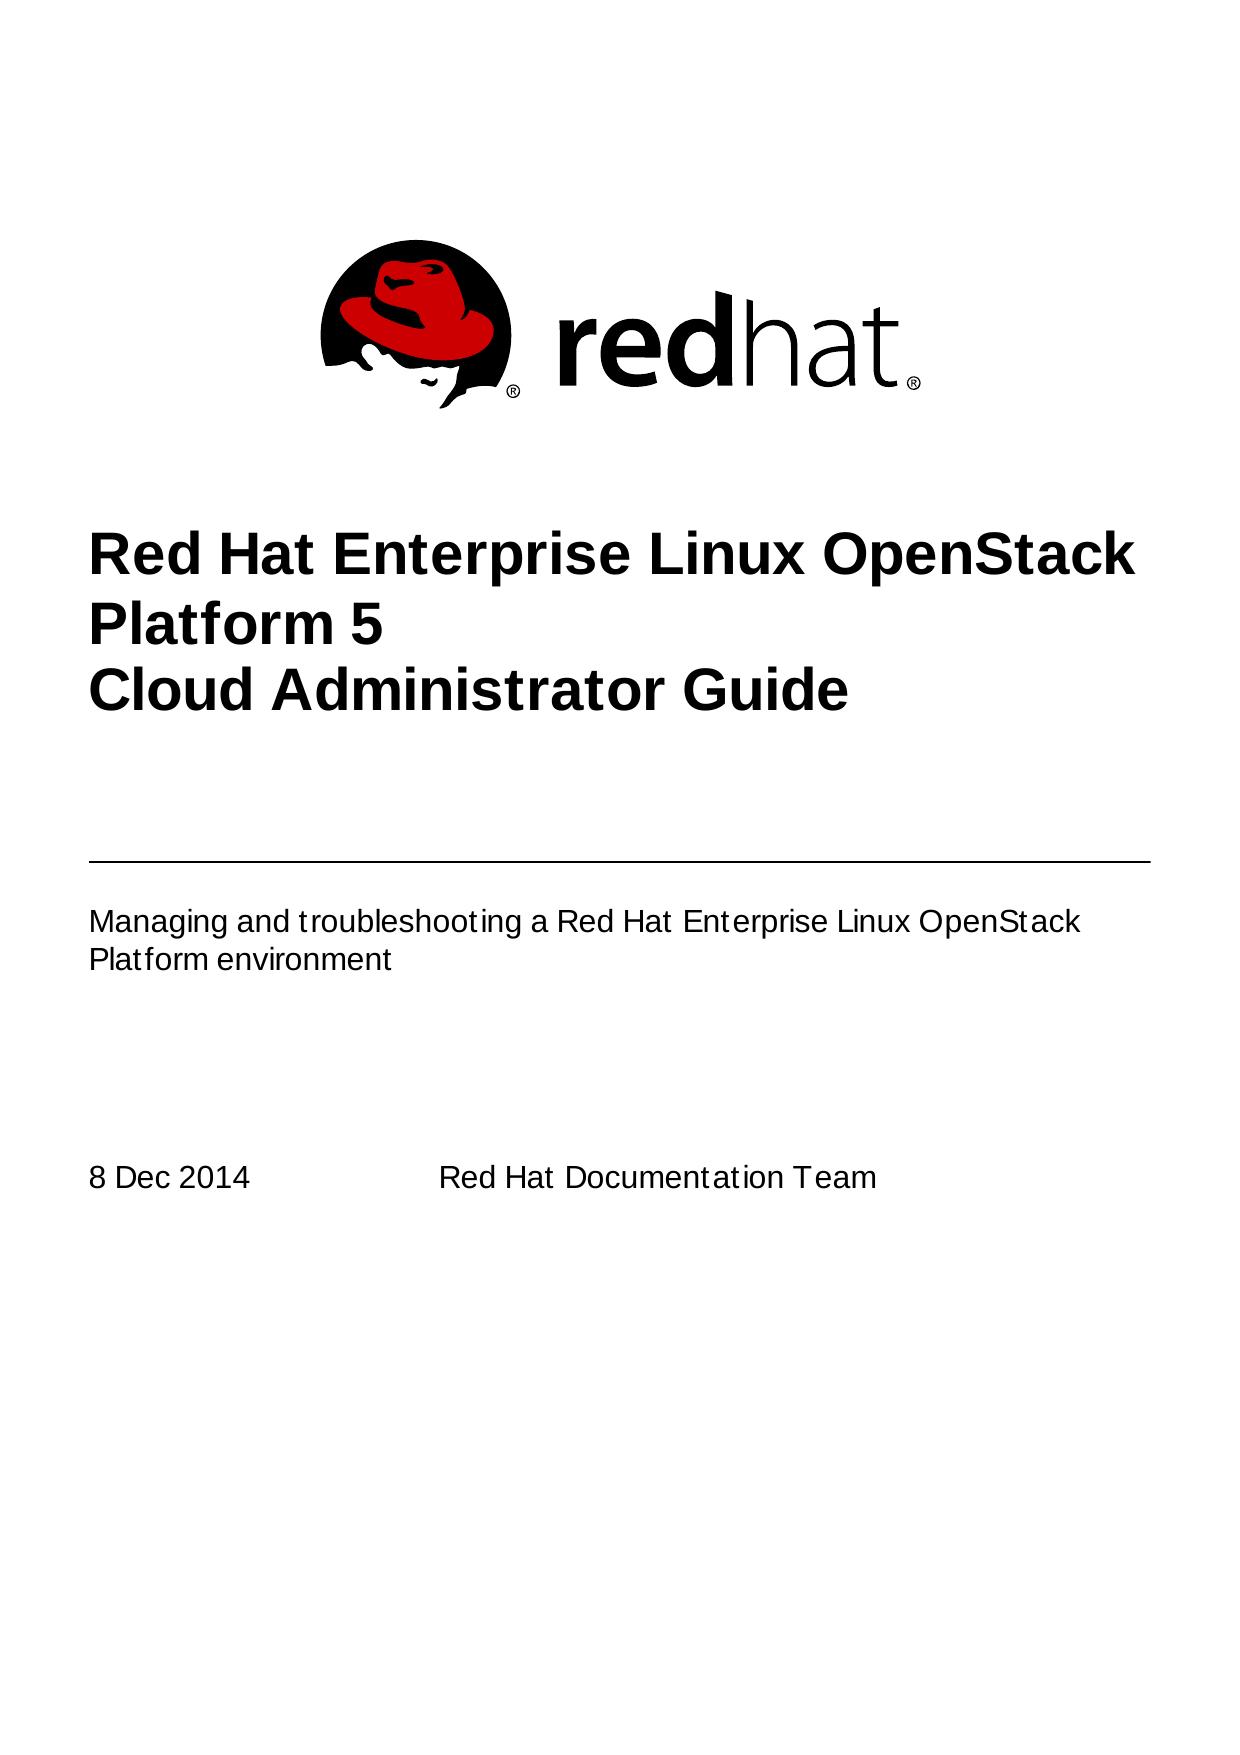 Red Hat Enterprise Linux OpenStack Platform 5 Cloud Administrator